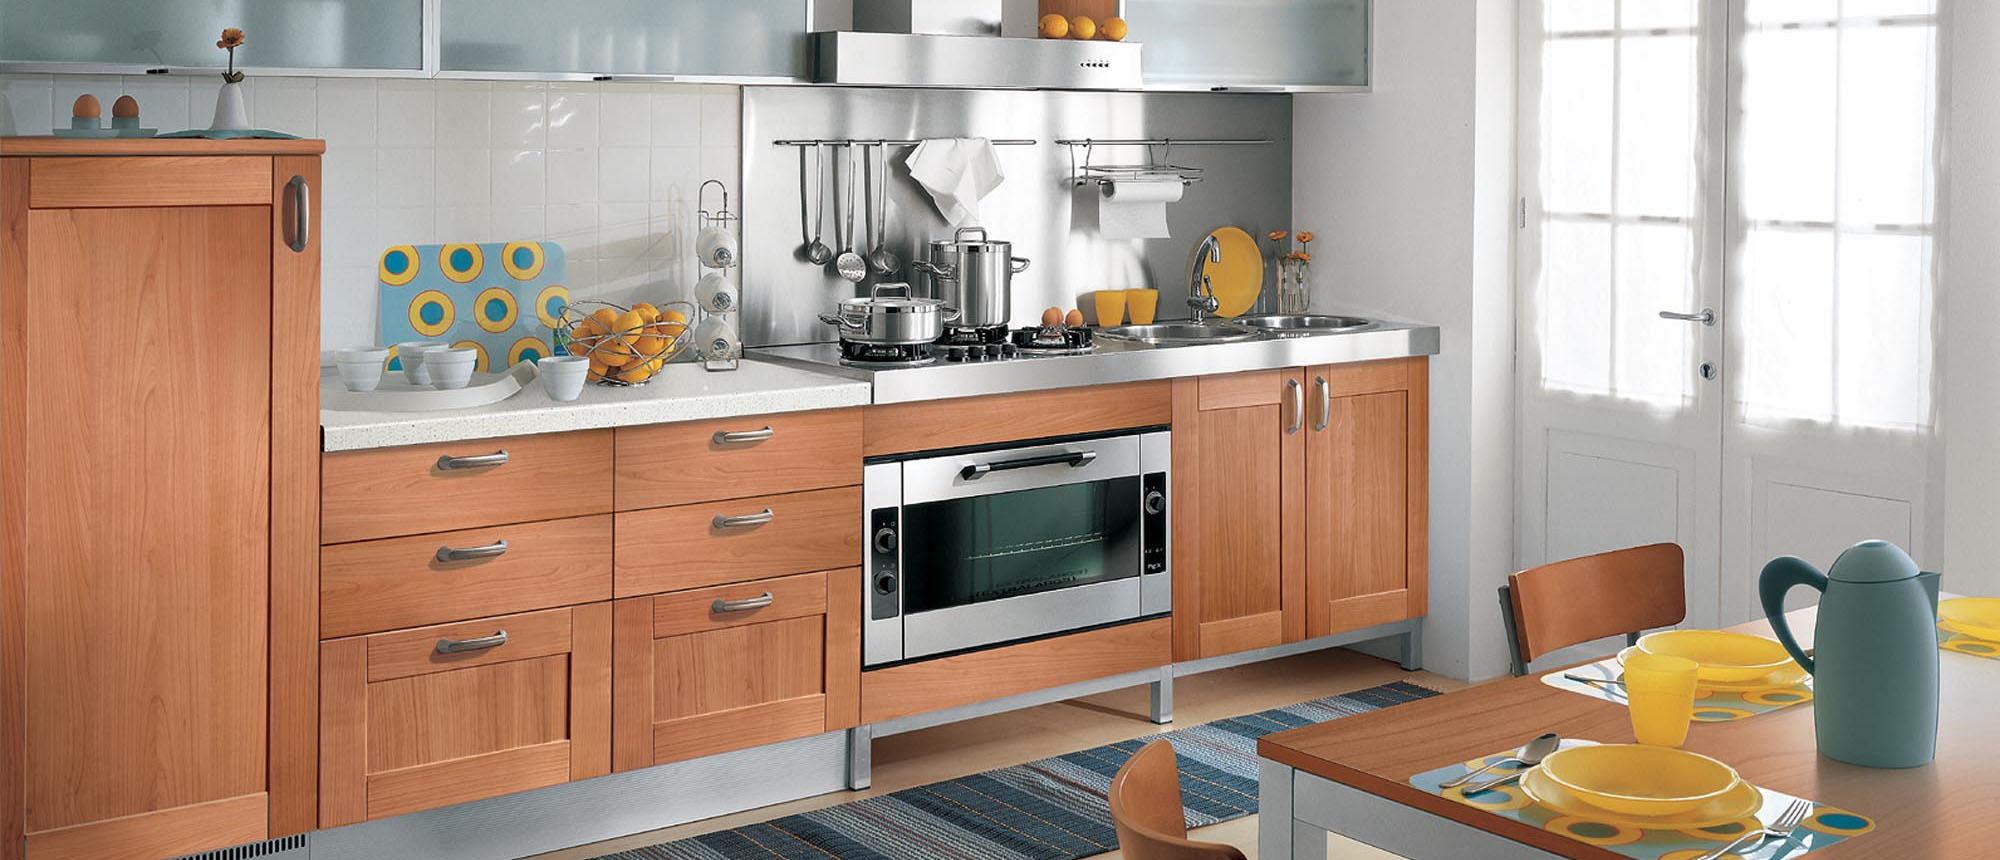 Preferenza Best Cucine In Ciliegio Moderne Pictures - Design & Ideas 2017  DS58